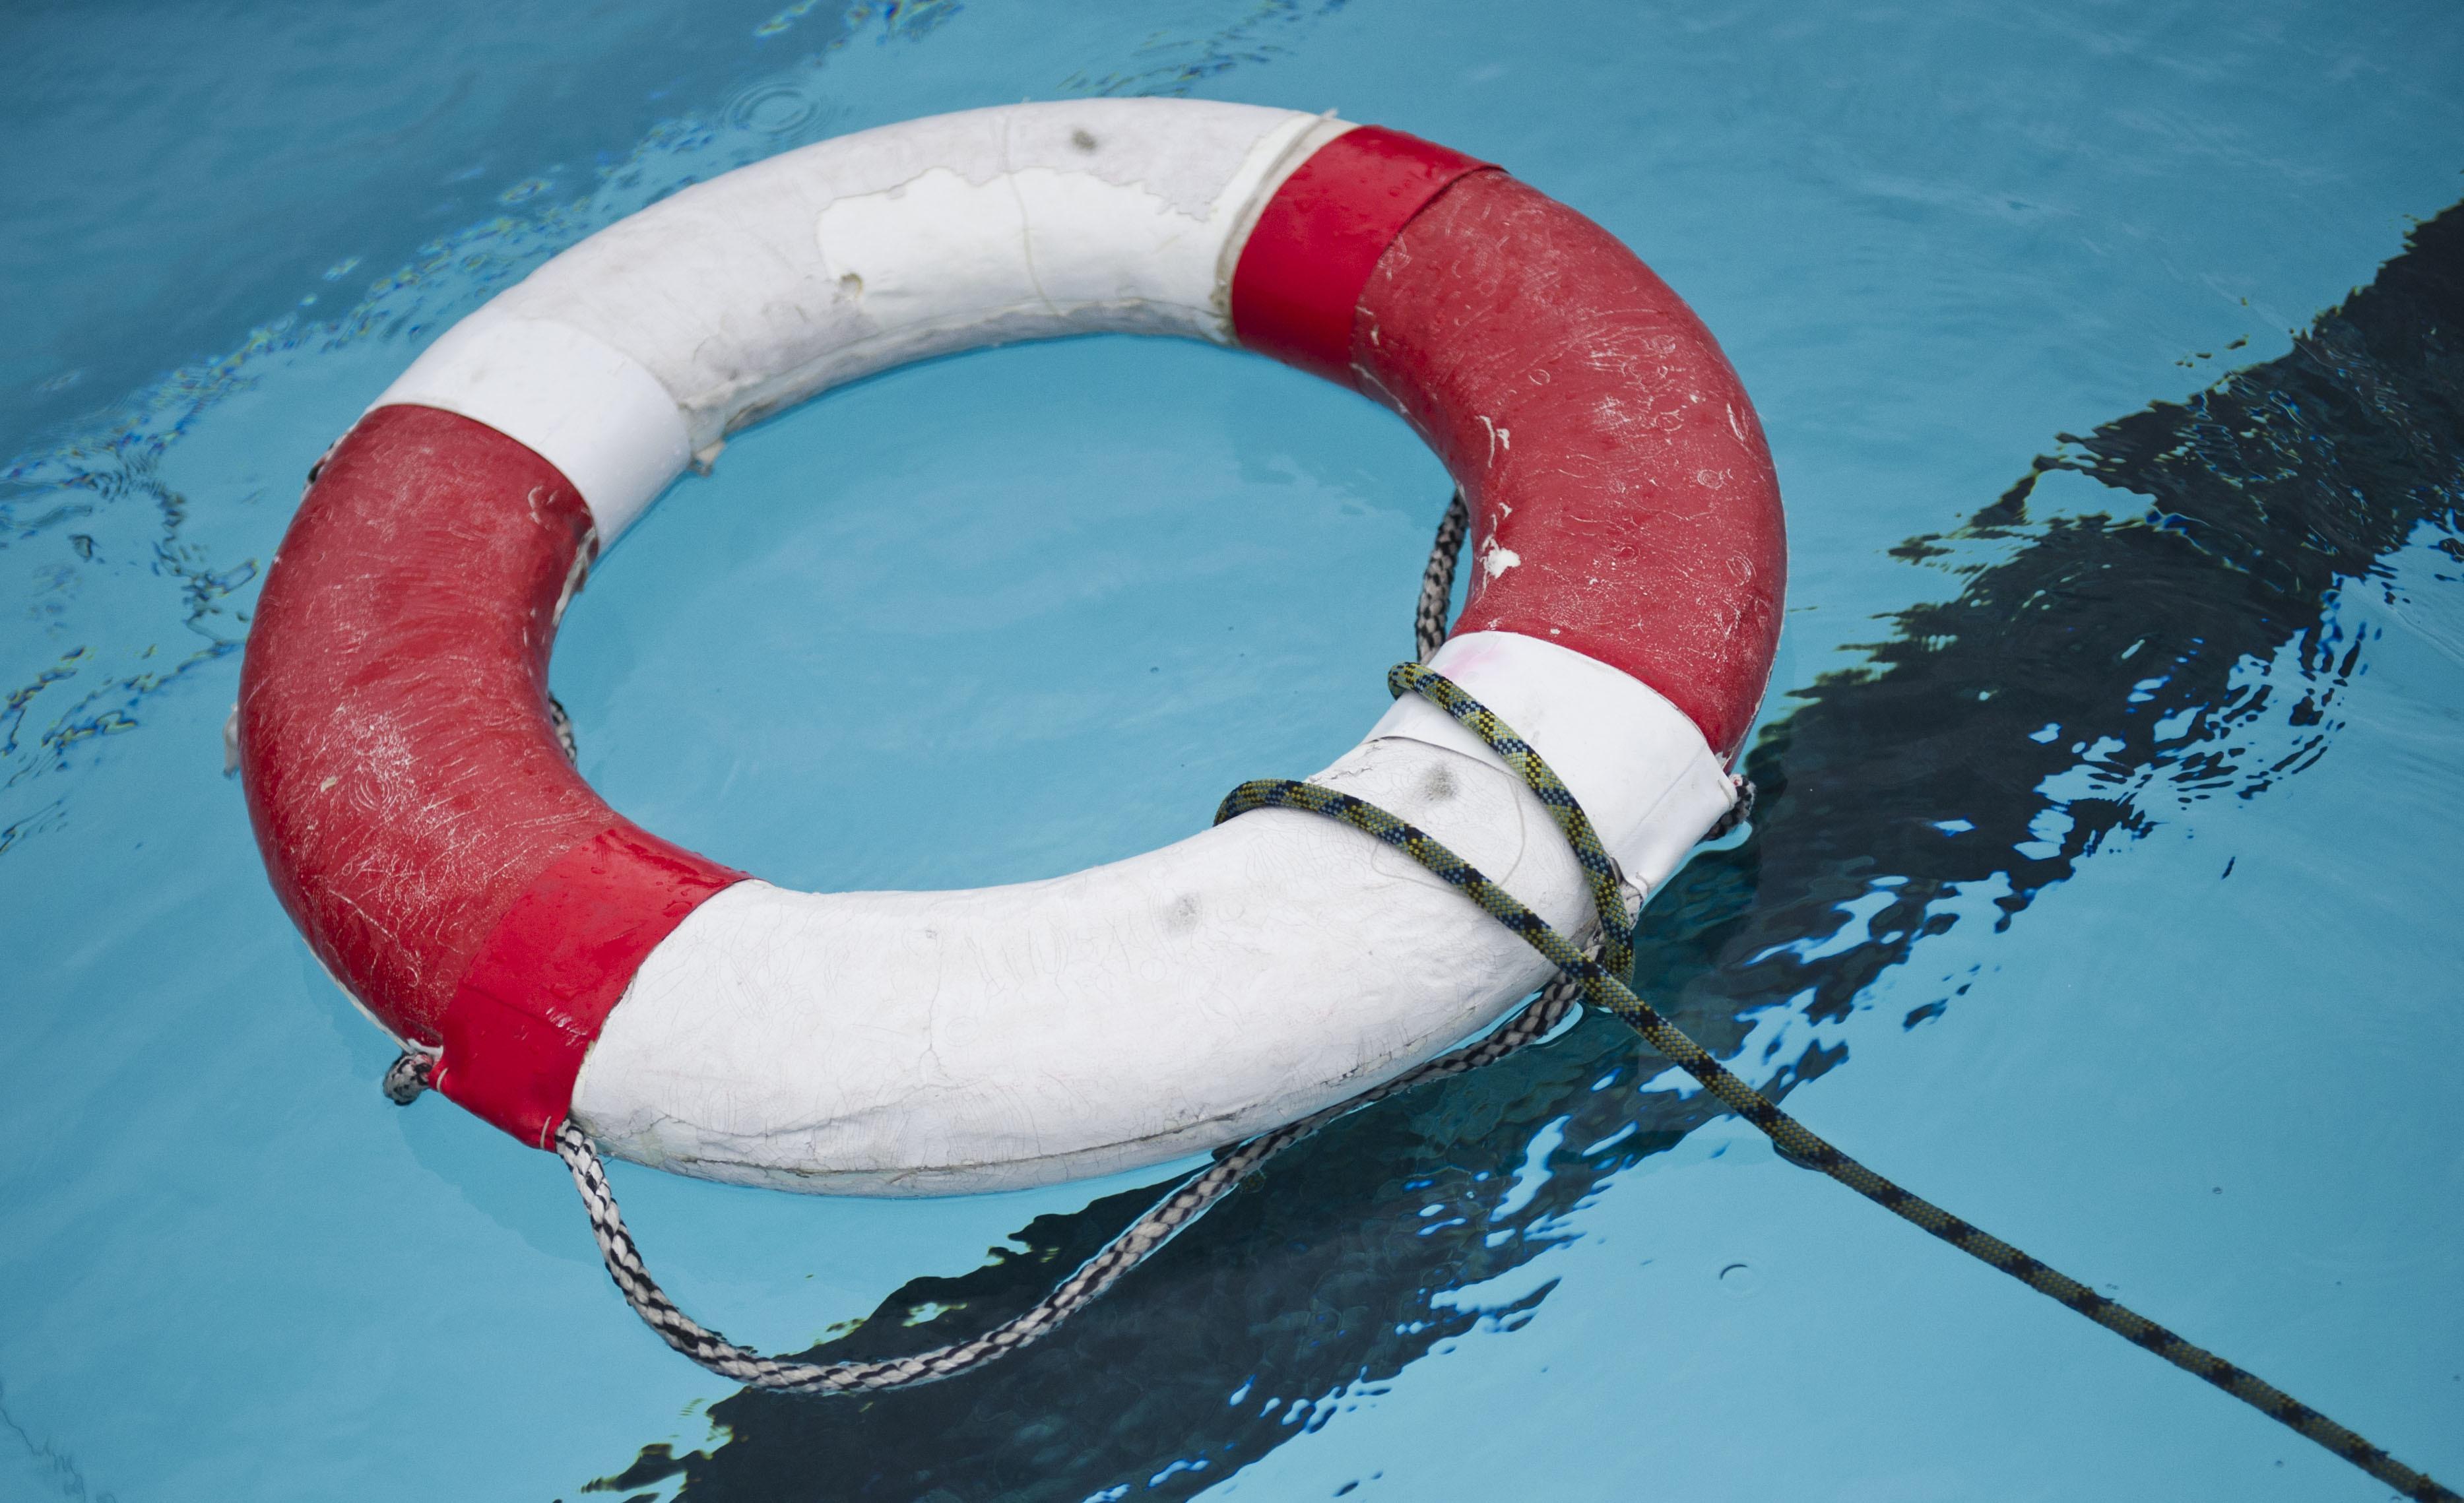 Badeunfälle können erhebliche Folgen für den Betroffenen haben. Foto: dpa/Spata